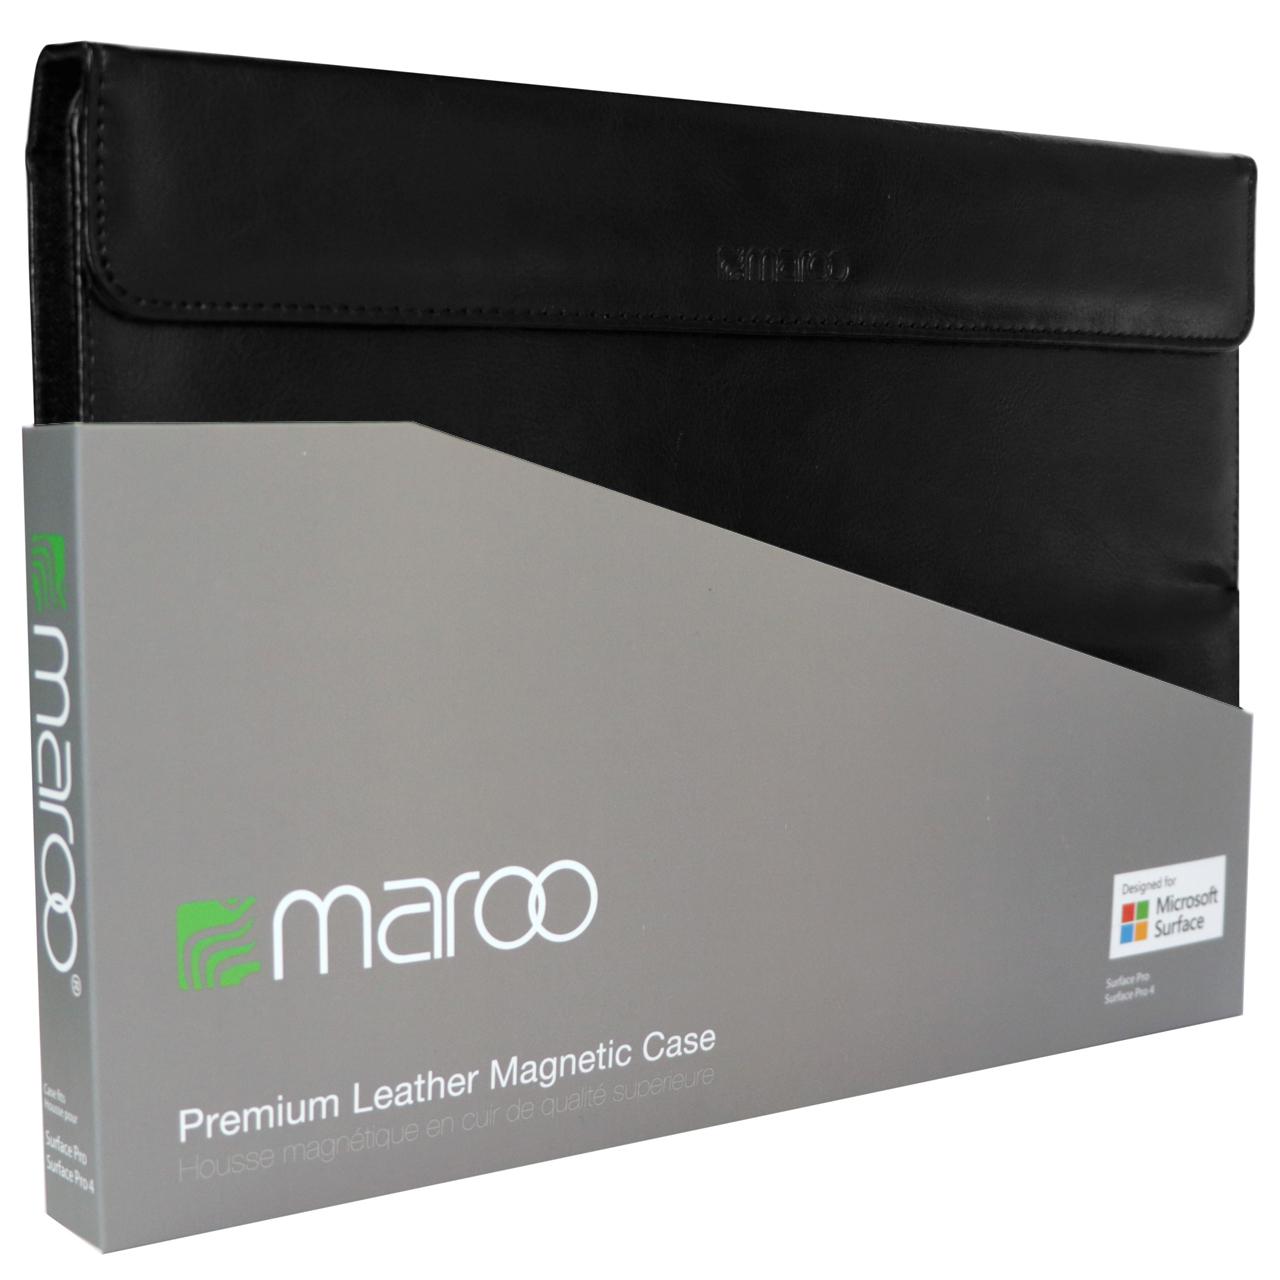 کیف کلاسوری مارو مدل Premium Leather Magnetic مناسب برای Surface Pro 2017 / 4